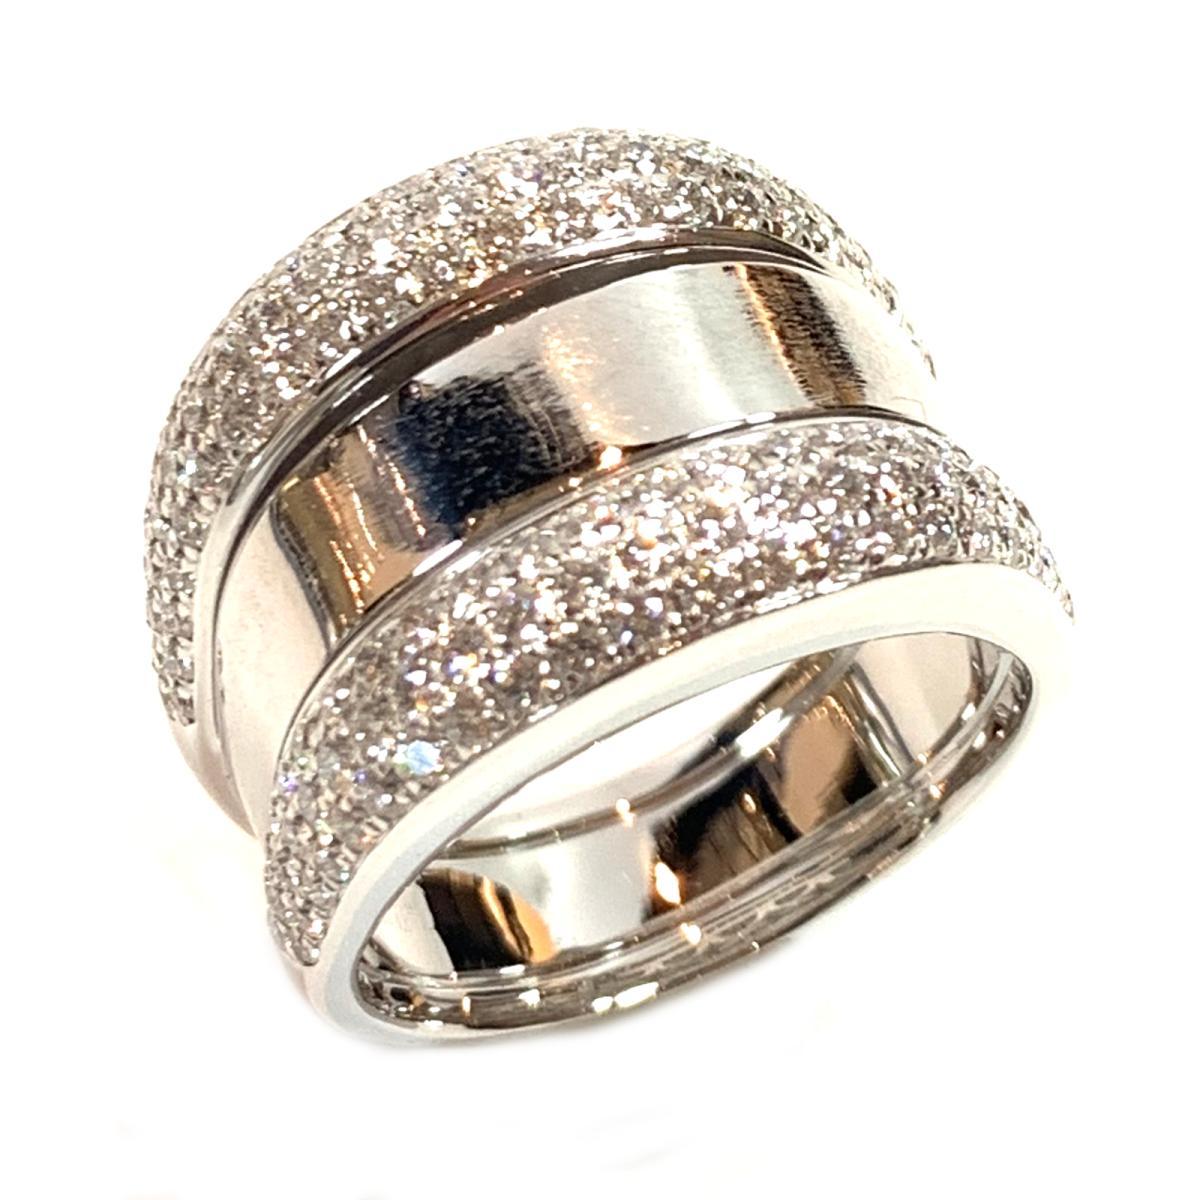 ジュエリー ダイヤリング 指輪 ノーブランドジュエリー メンズ レディース K18WG (750) ホワイトゴールド ダイヤモンド シルバー クリアー 【中古】 | JEWELRY BRANDOFF ブランドオフ アクセサリー リング